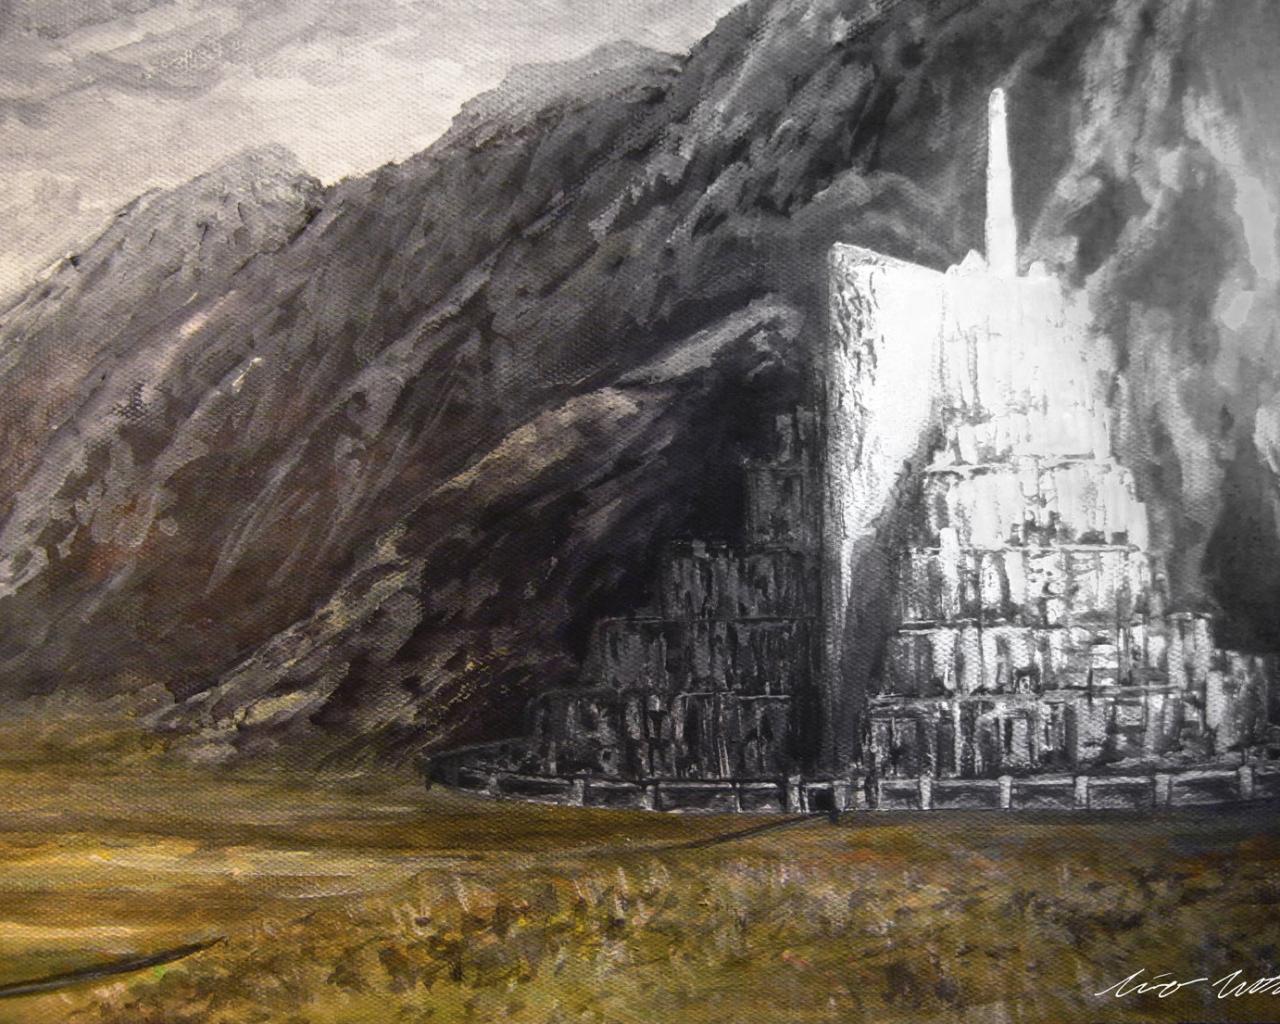 Free Download Fondos De Pantalla De Minas Tirith Wallpapers